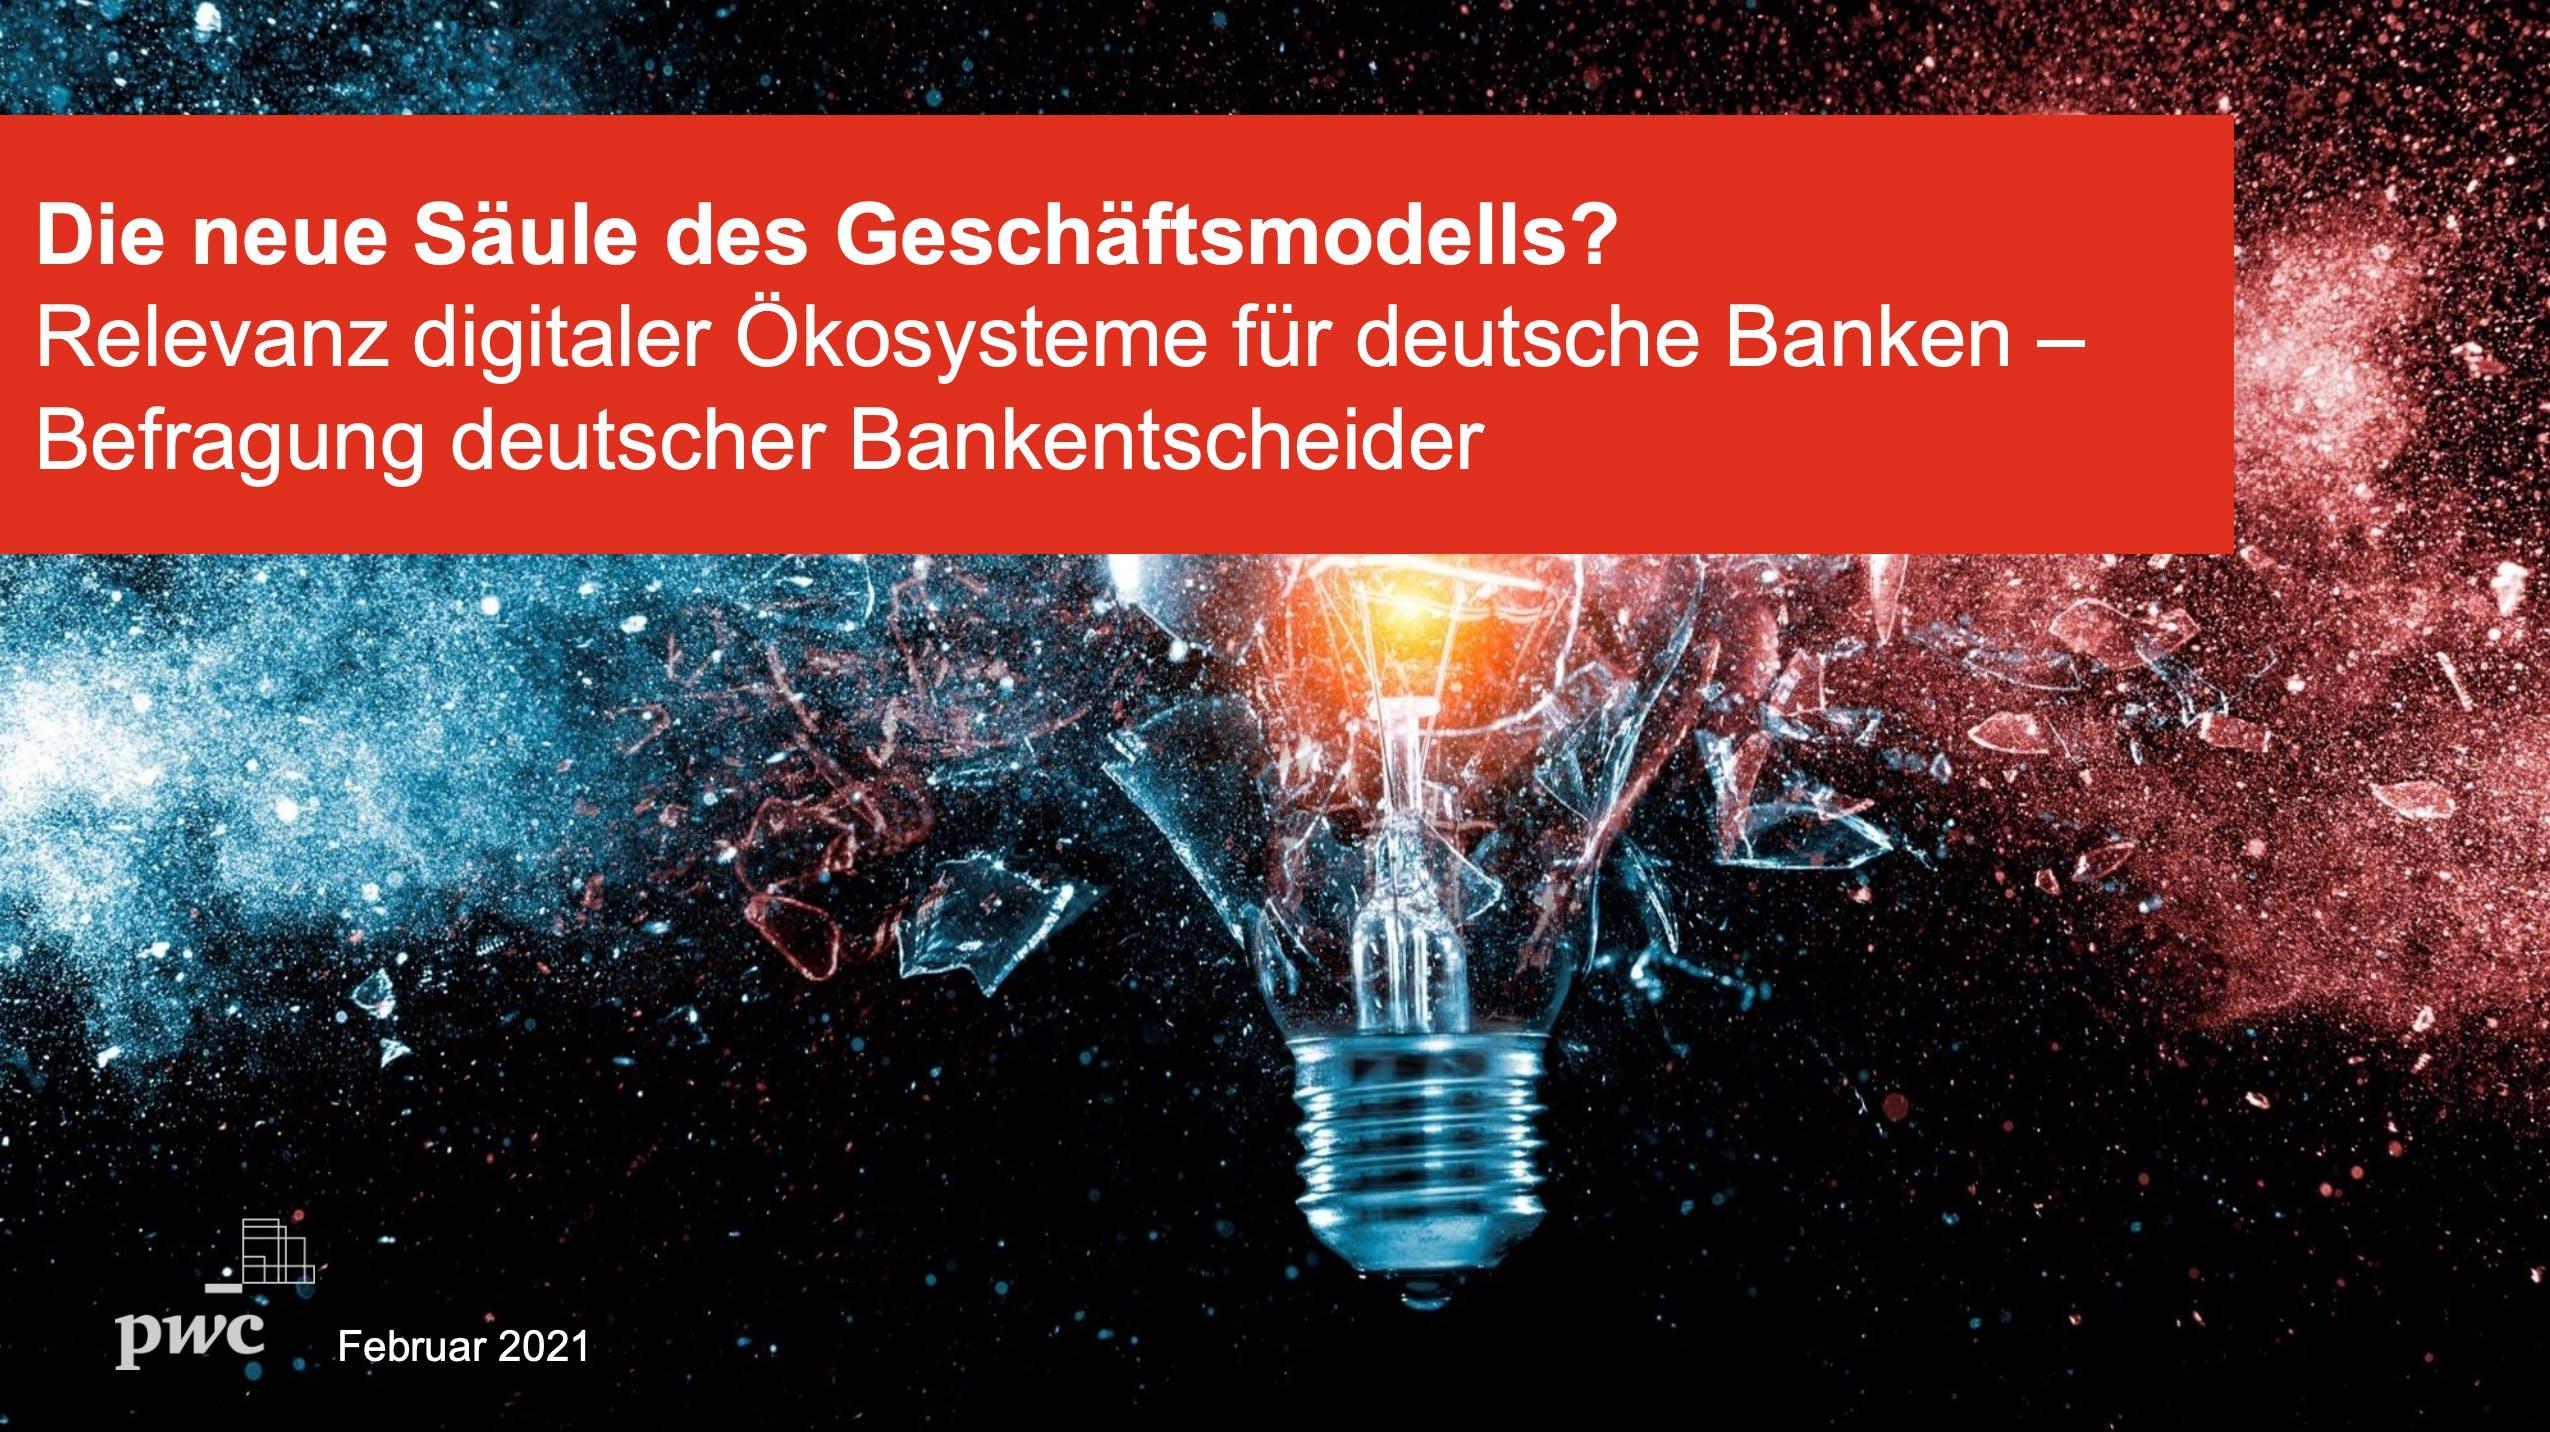 Relevanz von digitalen Ökosystemen für deutsche Banken